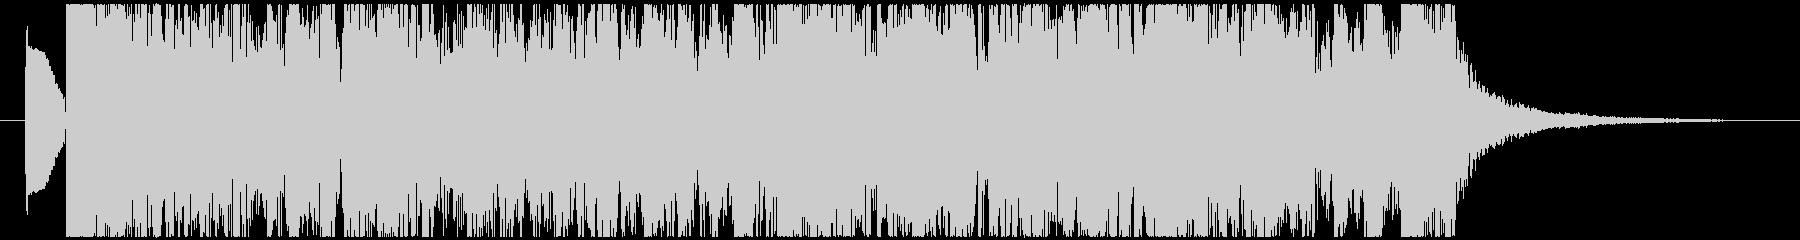 ファンキーなギターリフの勢いあるロック曲の未再生の波形